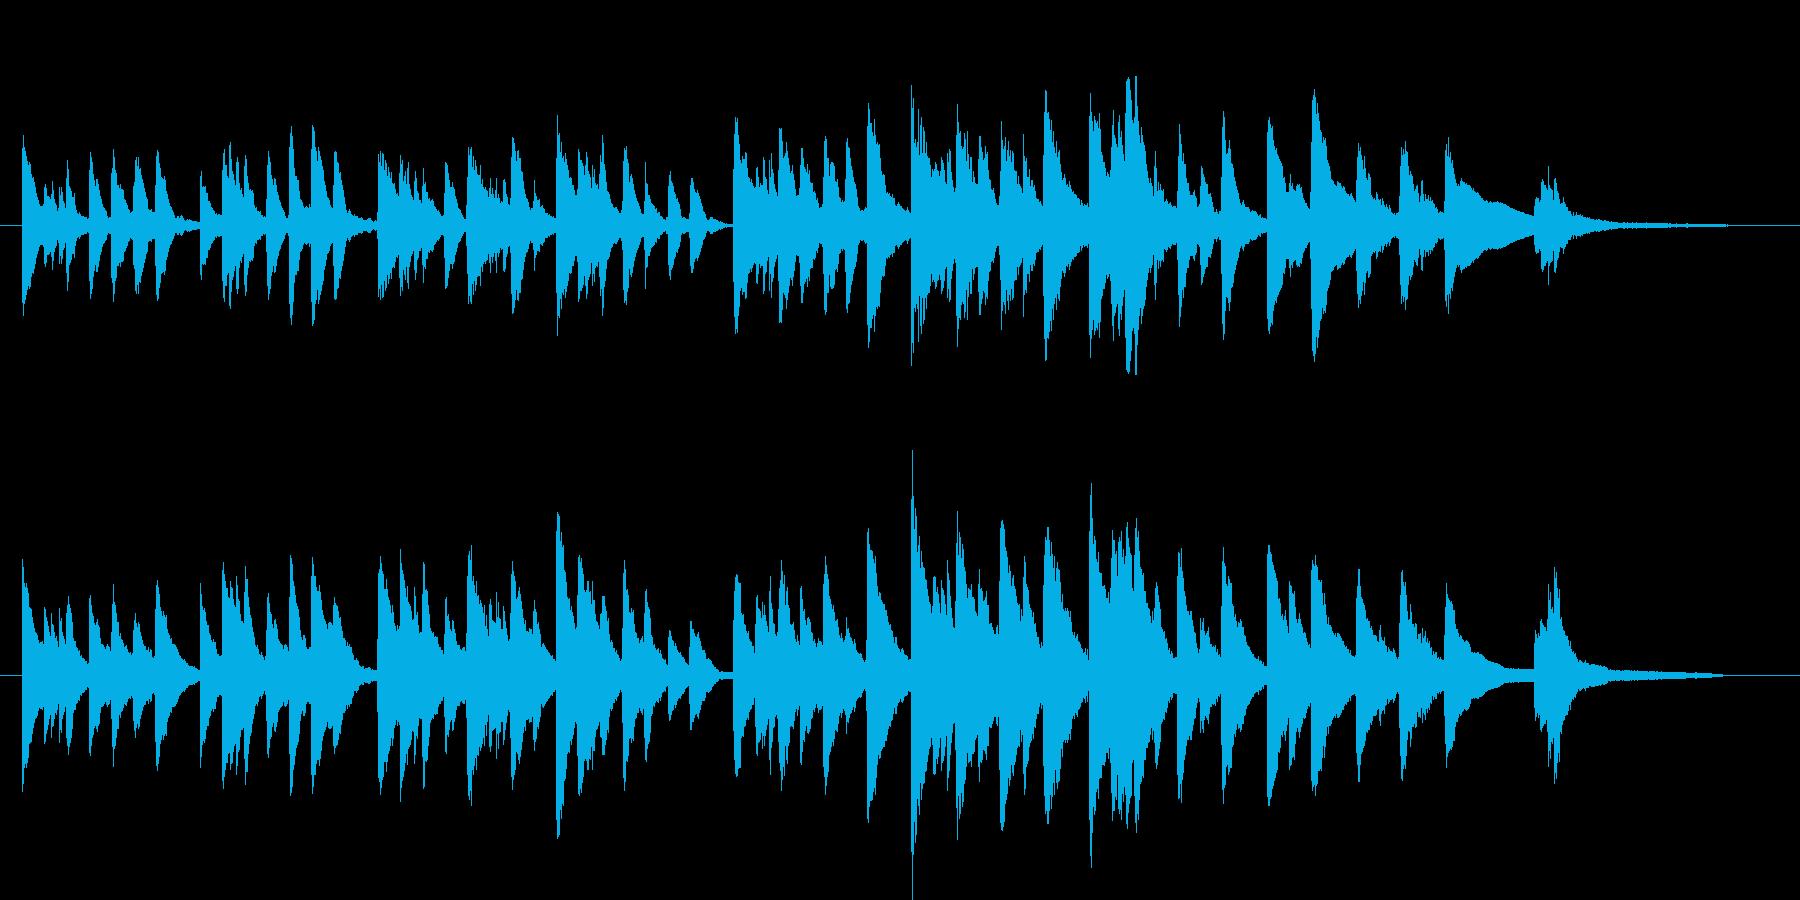 心の迷いと不安をピアノで表現の再生済みの波形